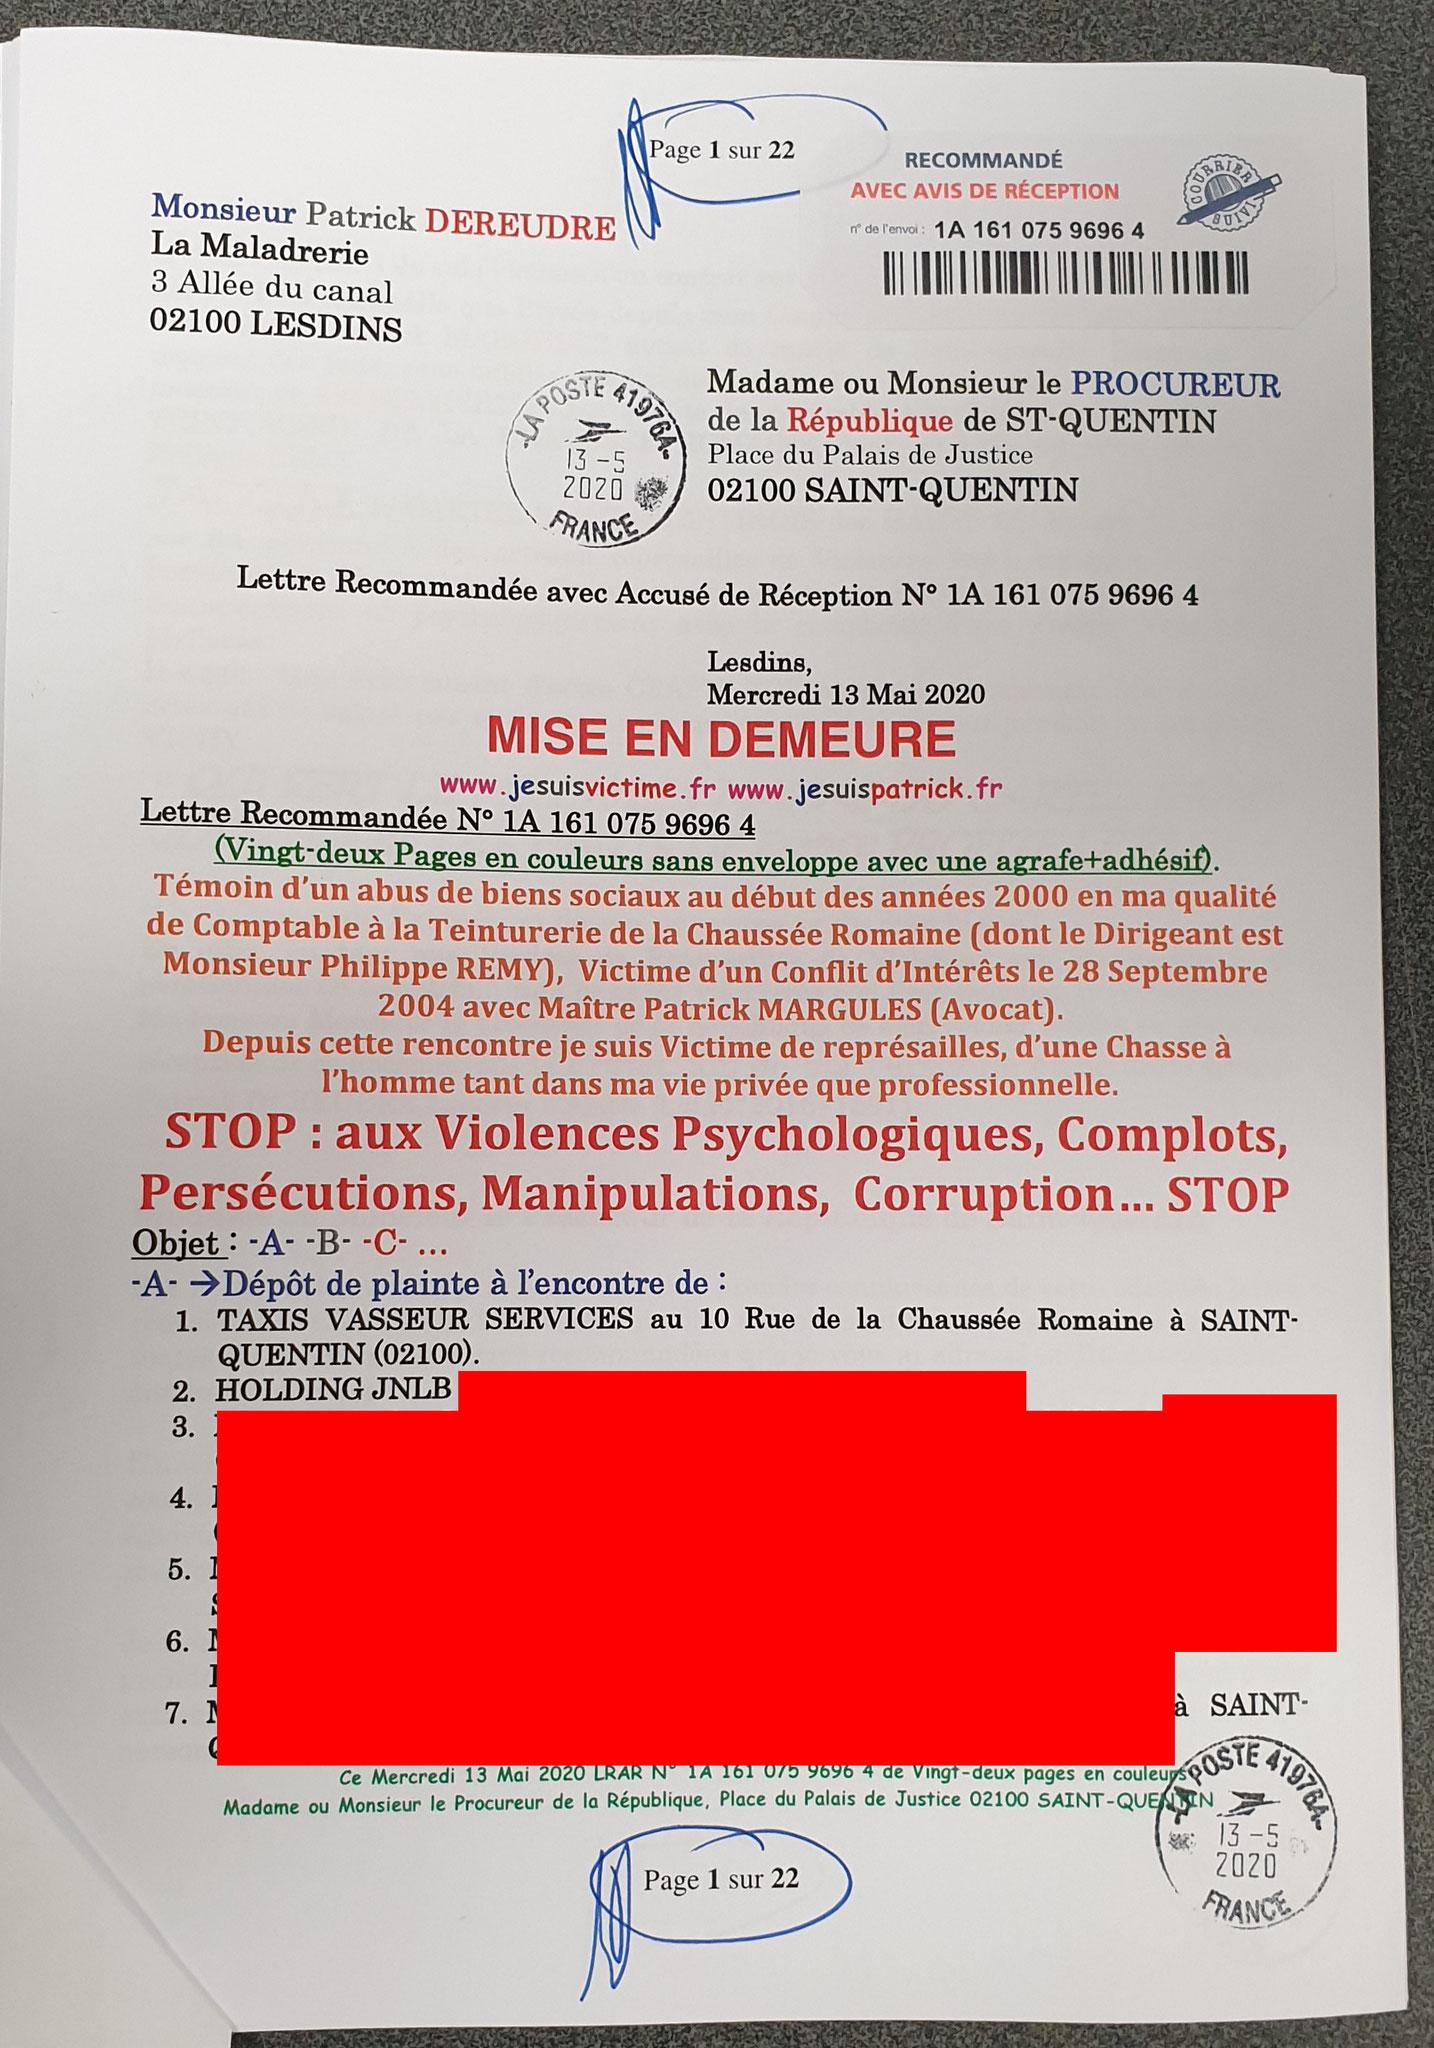 Page 1 sur 22 de ma plainte du 13 Mai 2020 auprès du Procureur de la République de Saint-Quentin à l'encontre des TAXIS VASSEUR SERVICES & salariés pour VIOLENCES EN BANDE ORGANISEE... www.jesuispatrick.fr